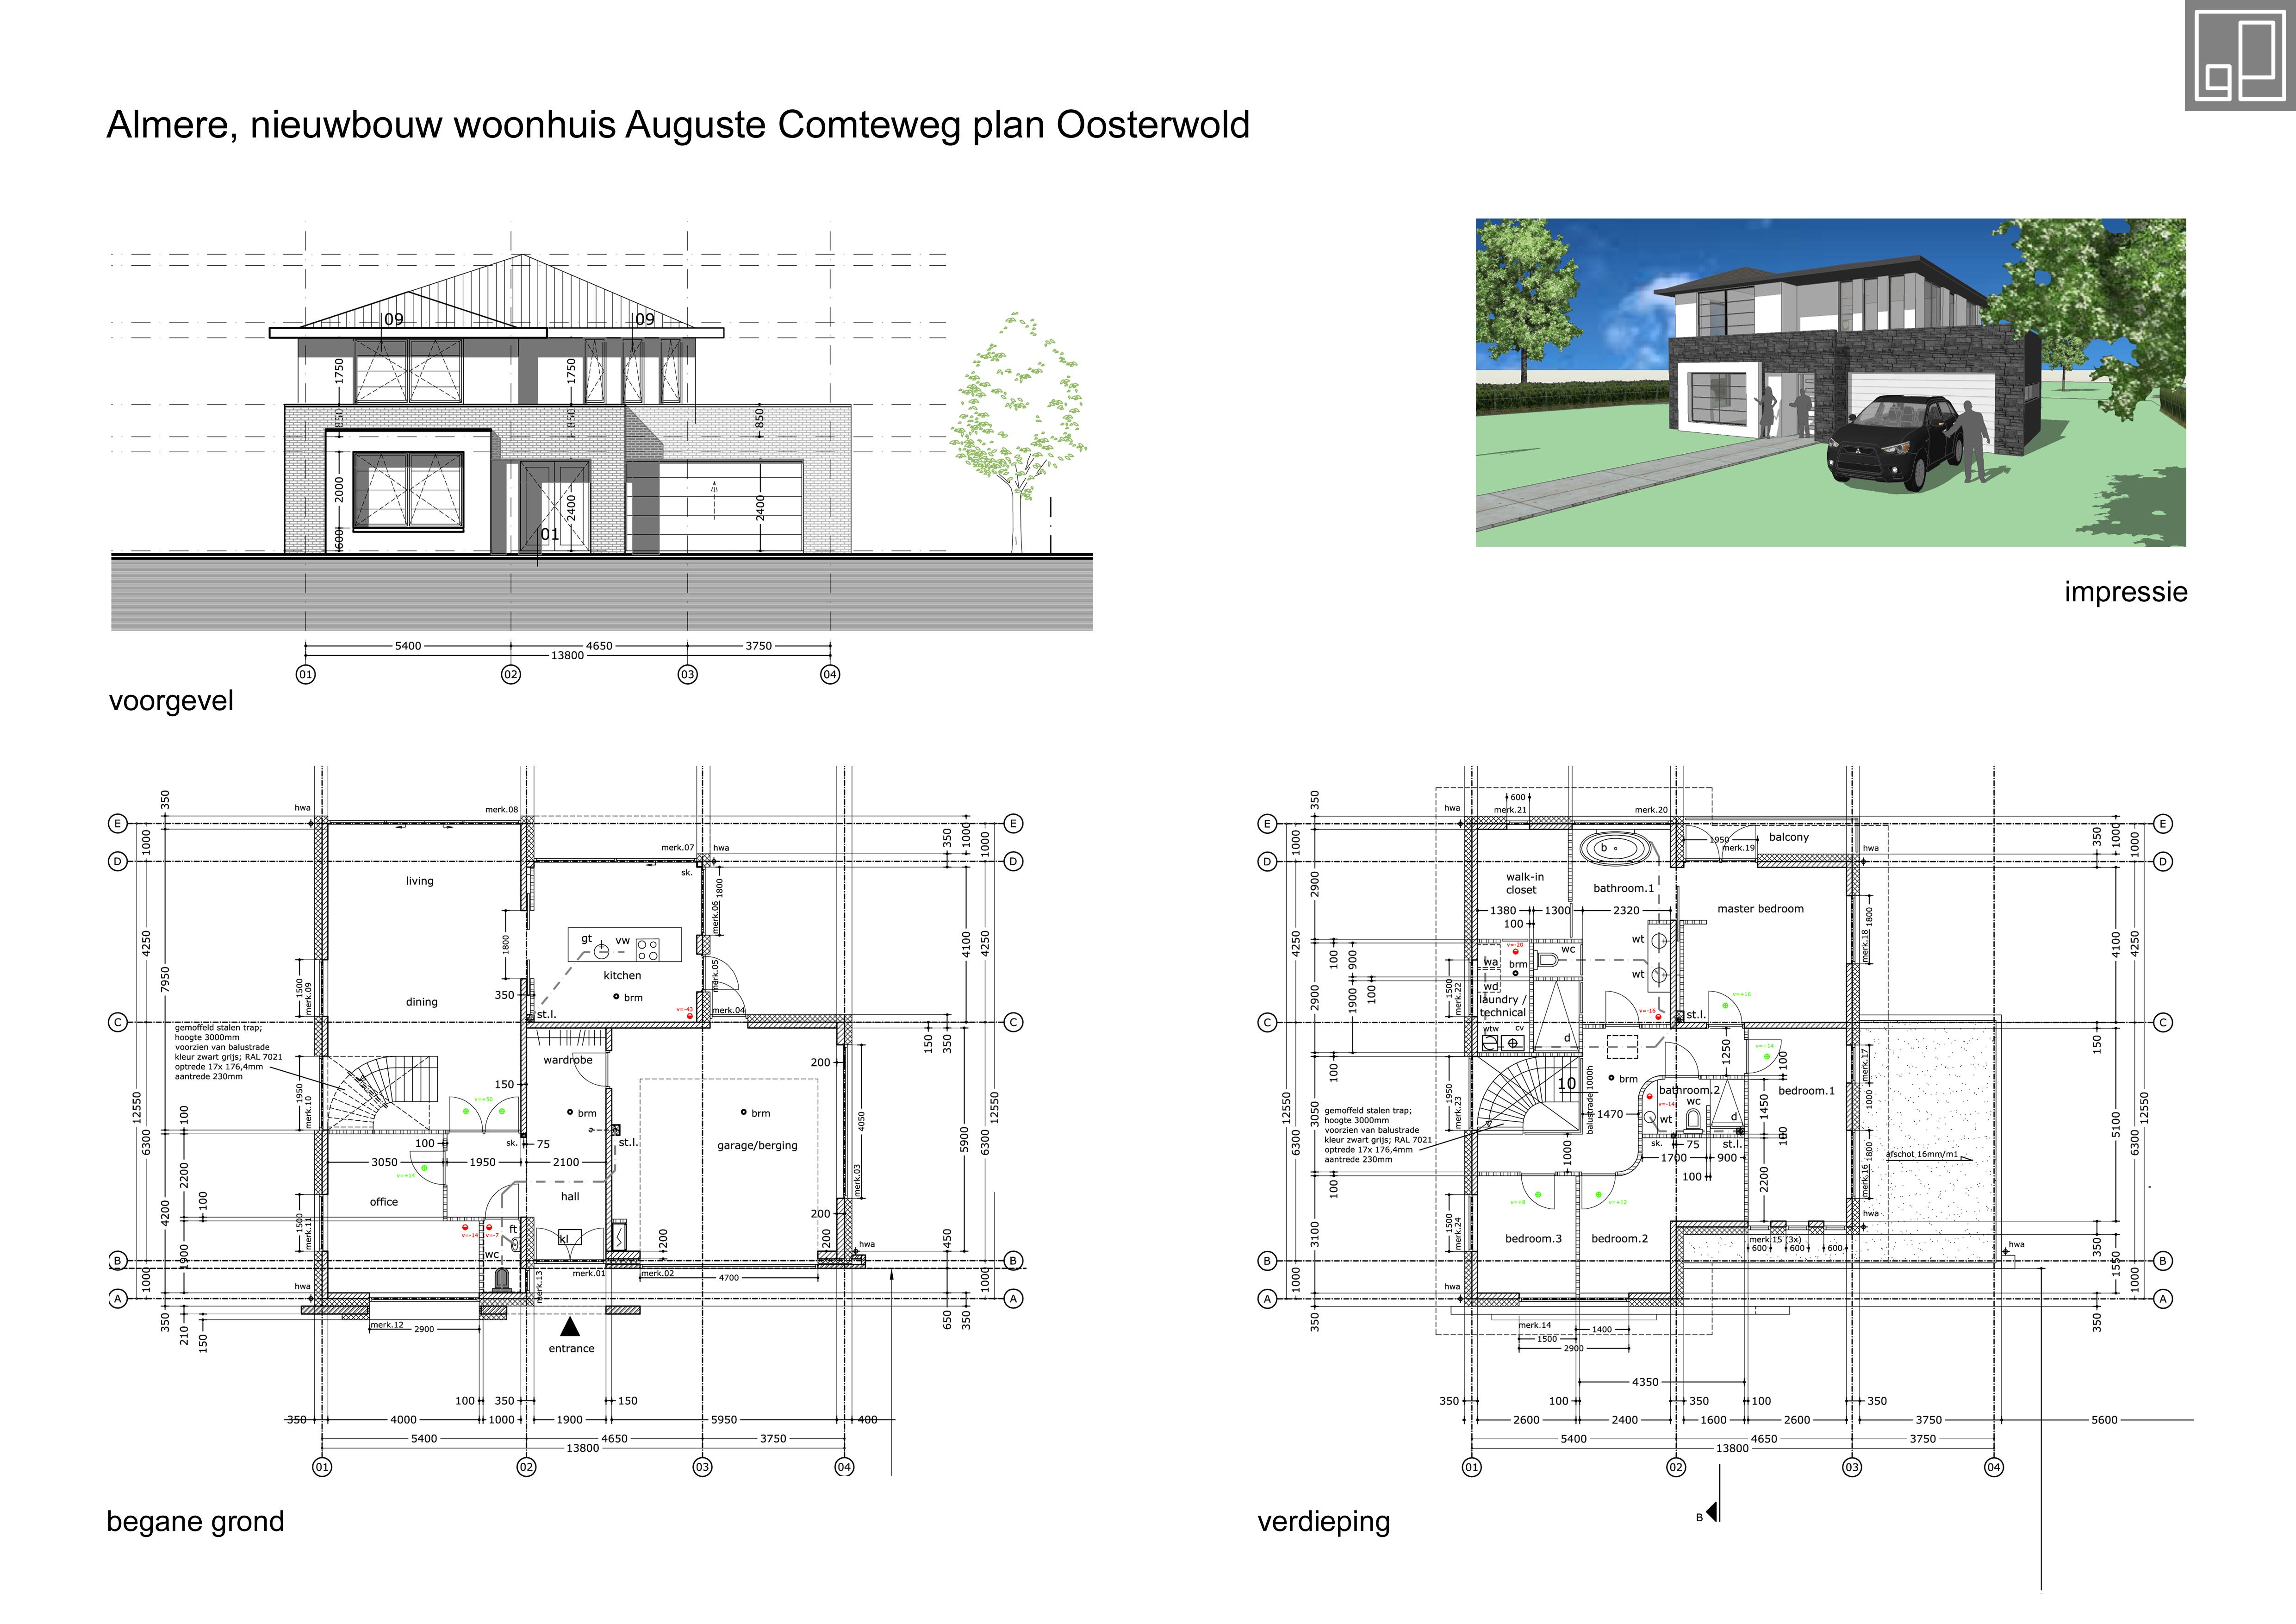 Nieuwbouw woonhuis Almere